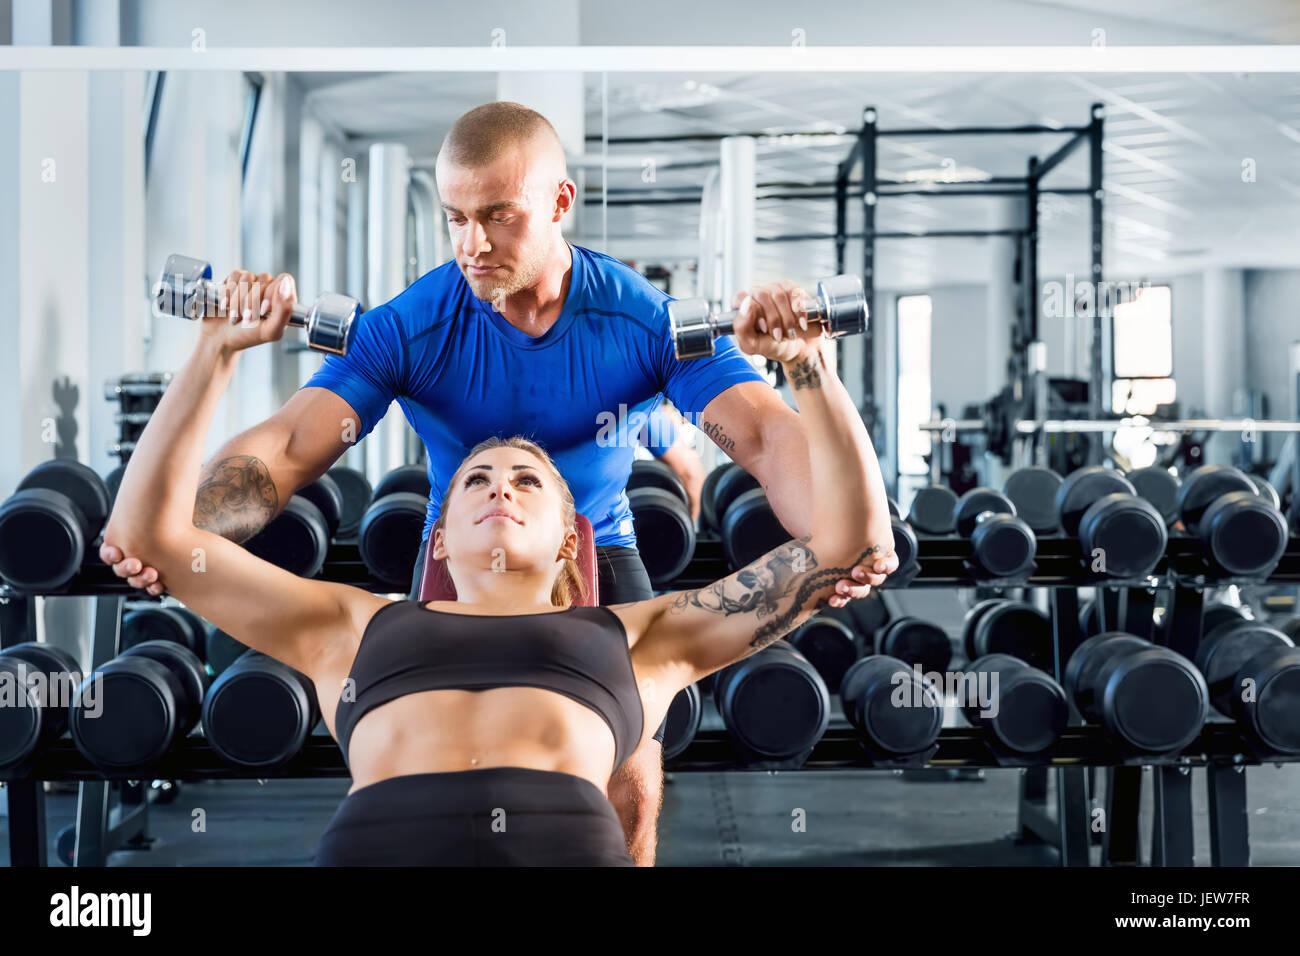 Entraîneur personnel corrige et motive tout en culturisme à la salle de sport. De l'aide professionnelle Photo Stock